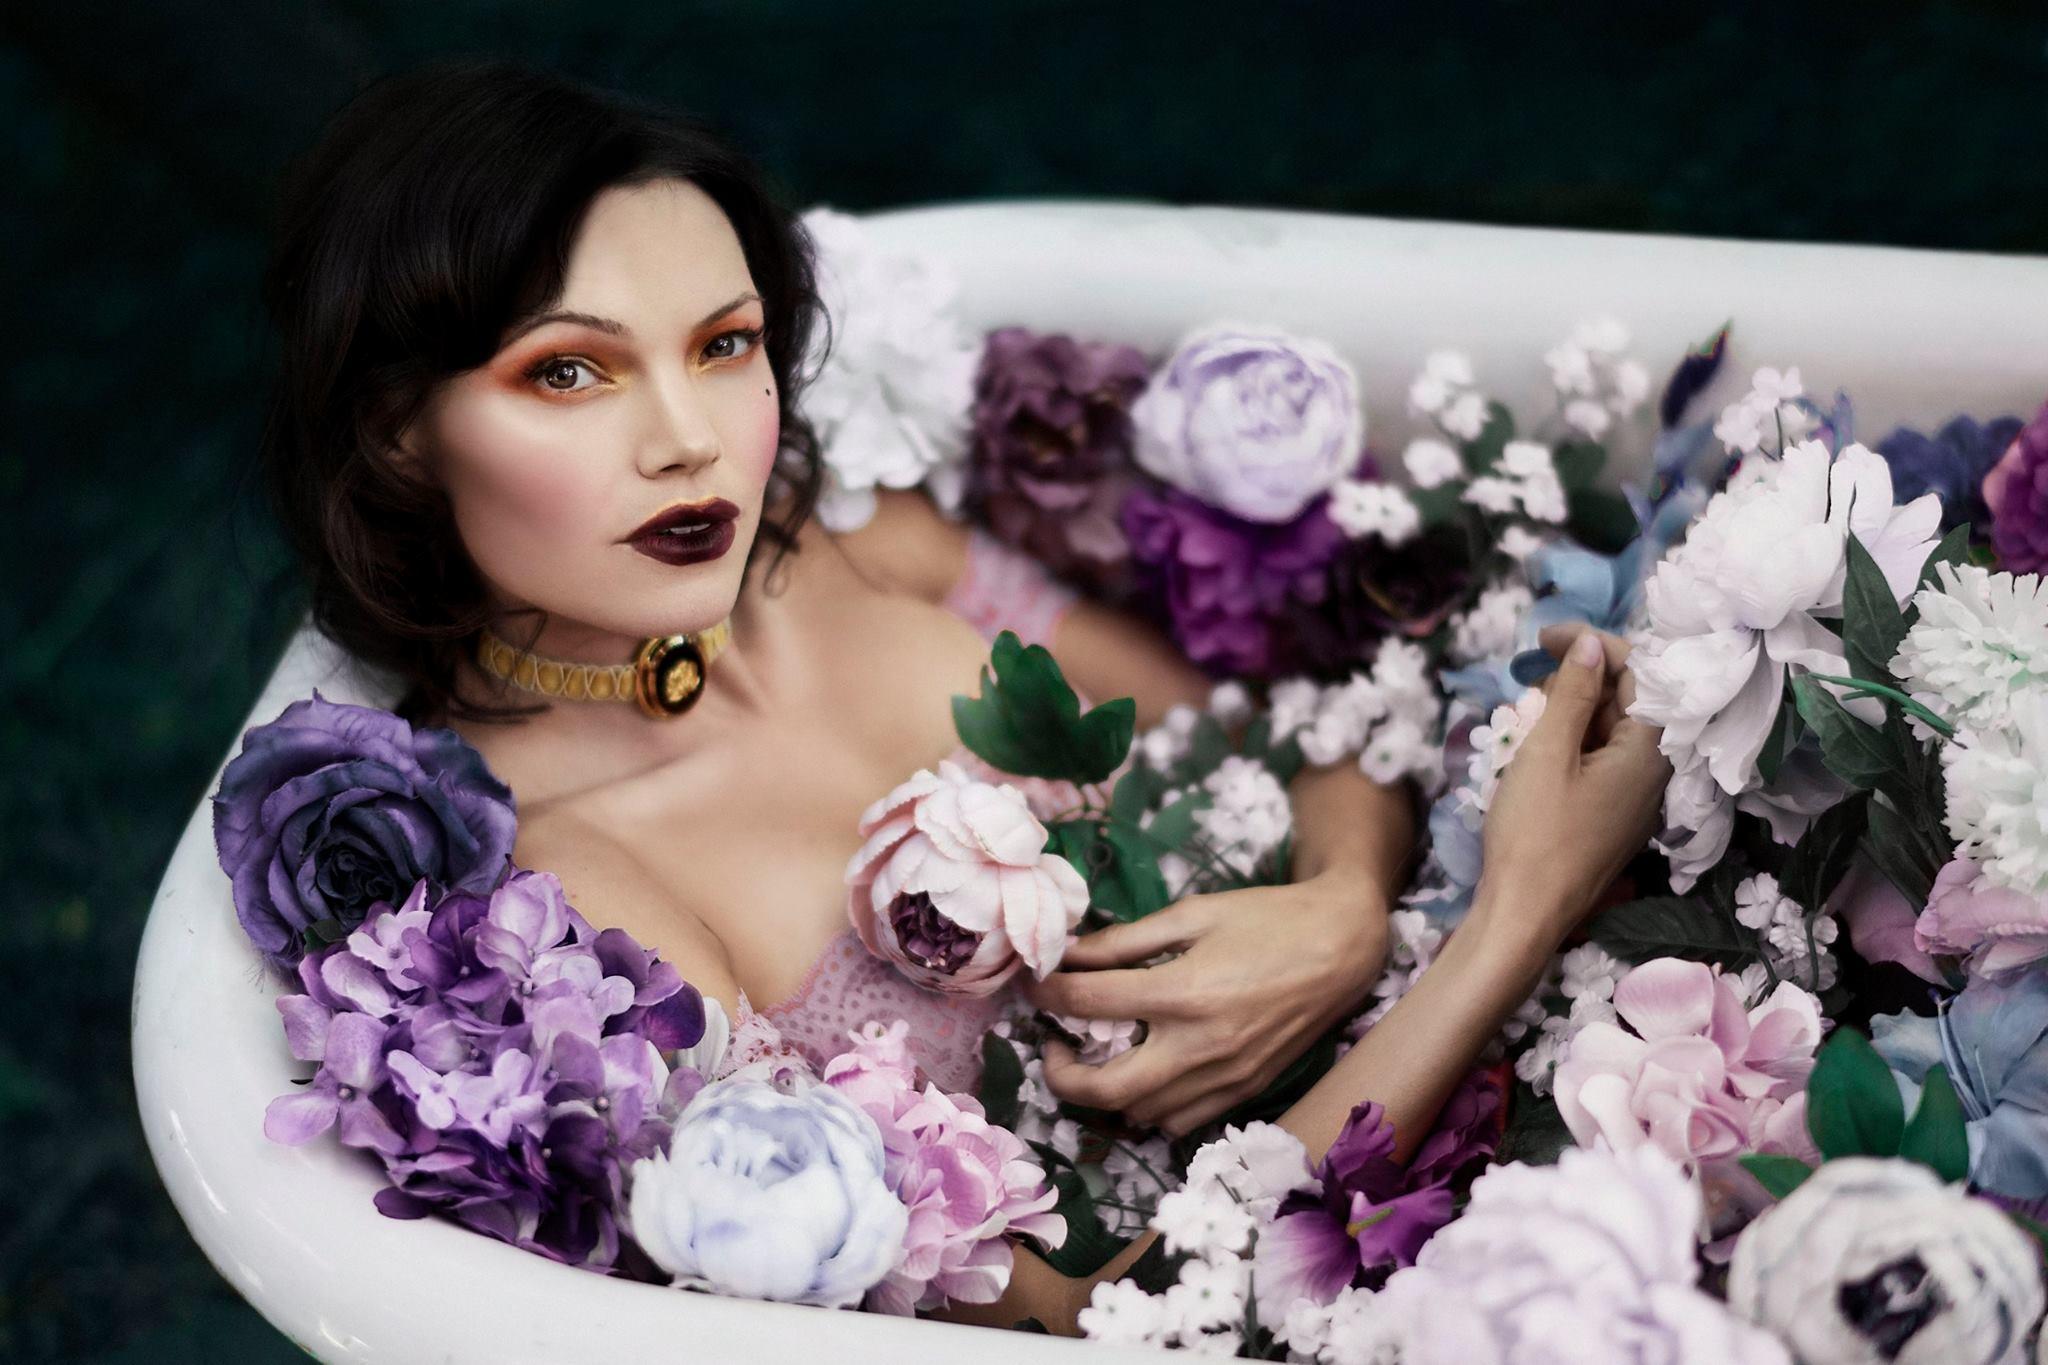 floral clawfoot bathtub.jpg